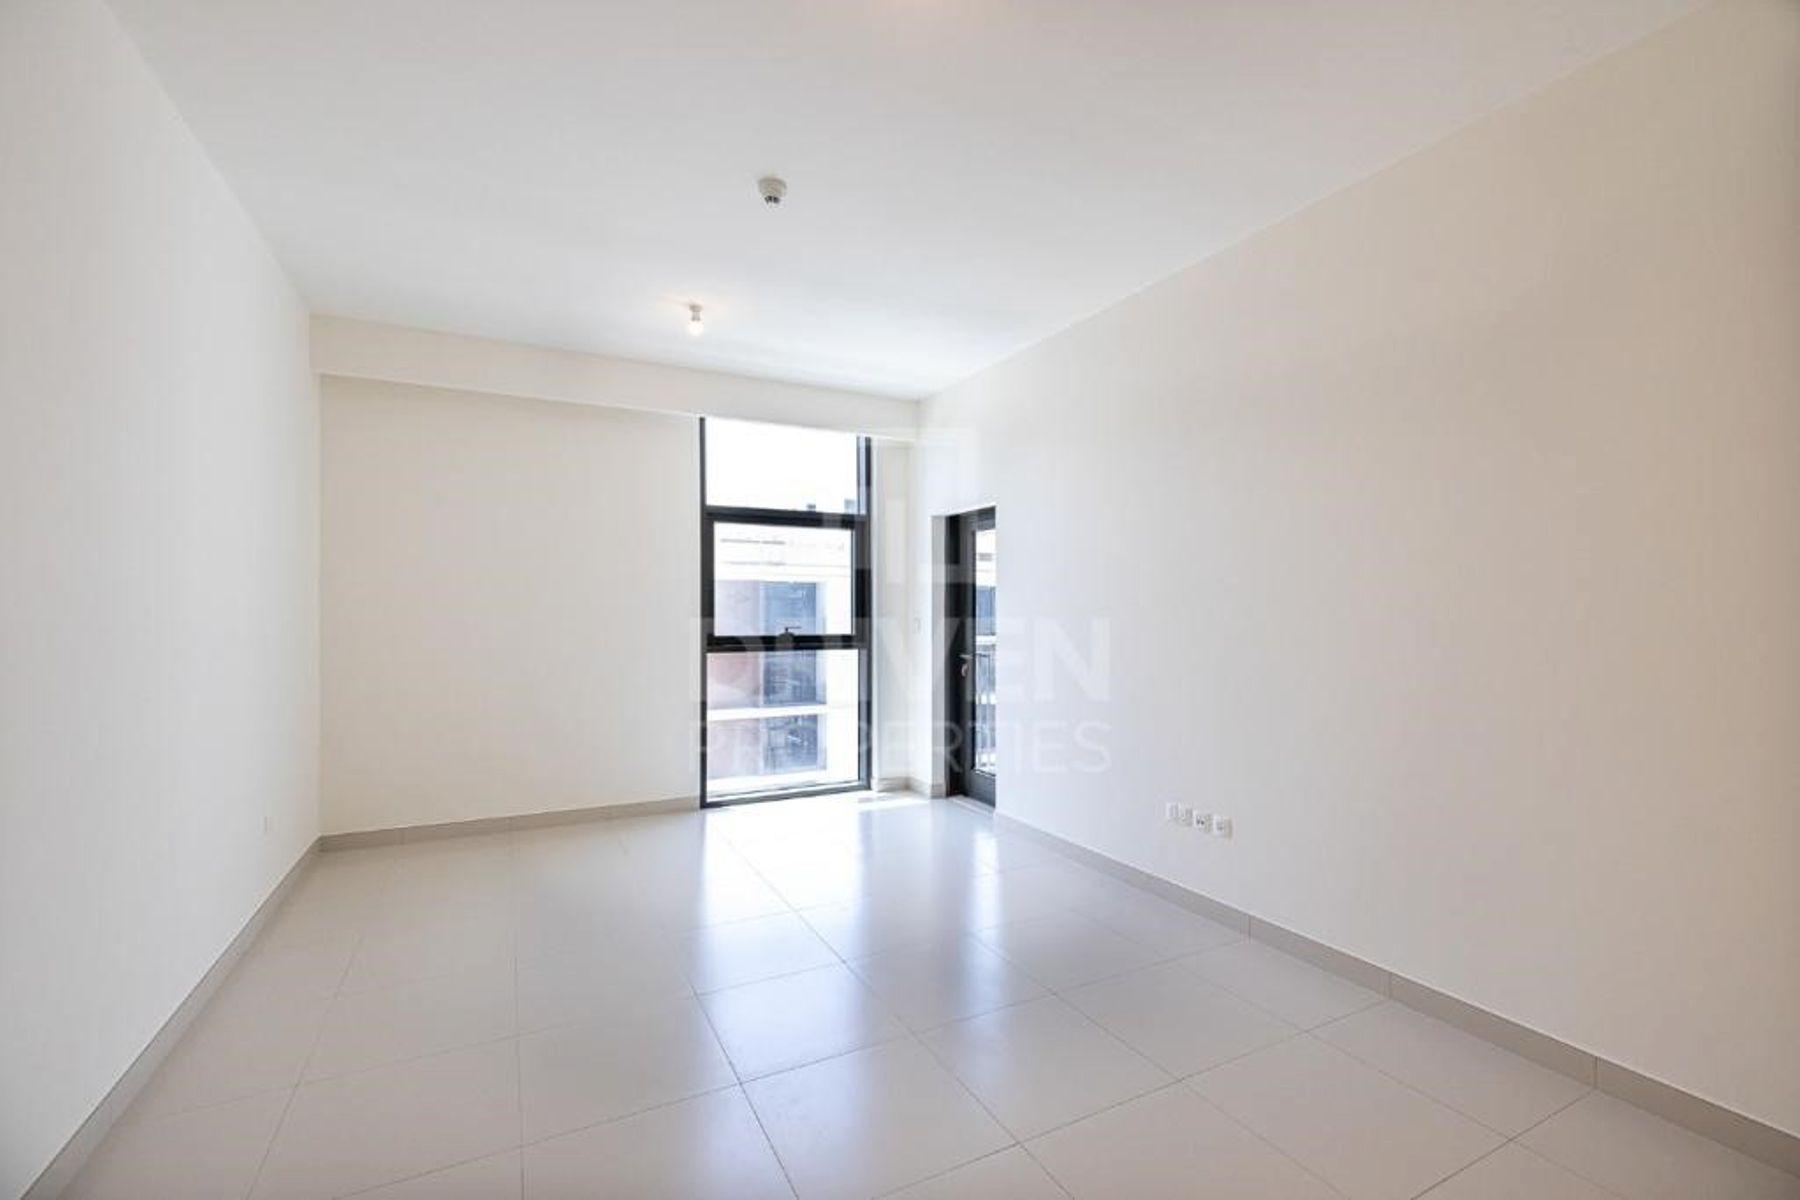 723 قدم مربع  شقة - للايجار - دبي هيلز استيت